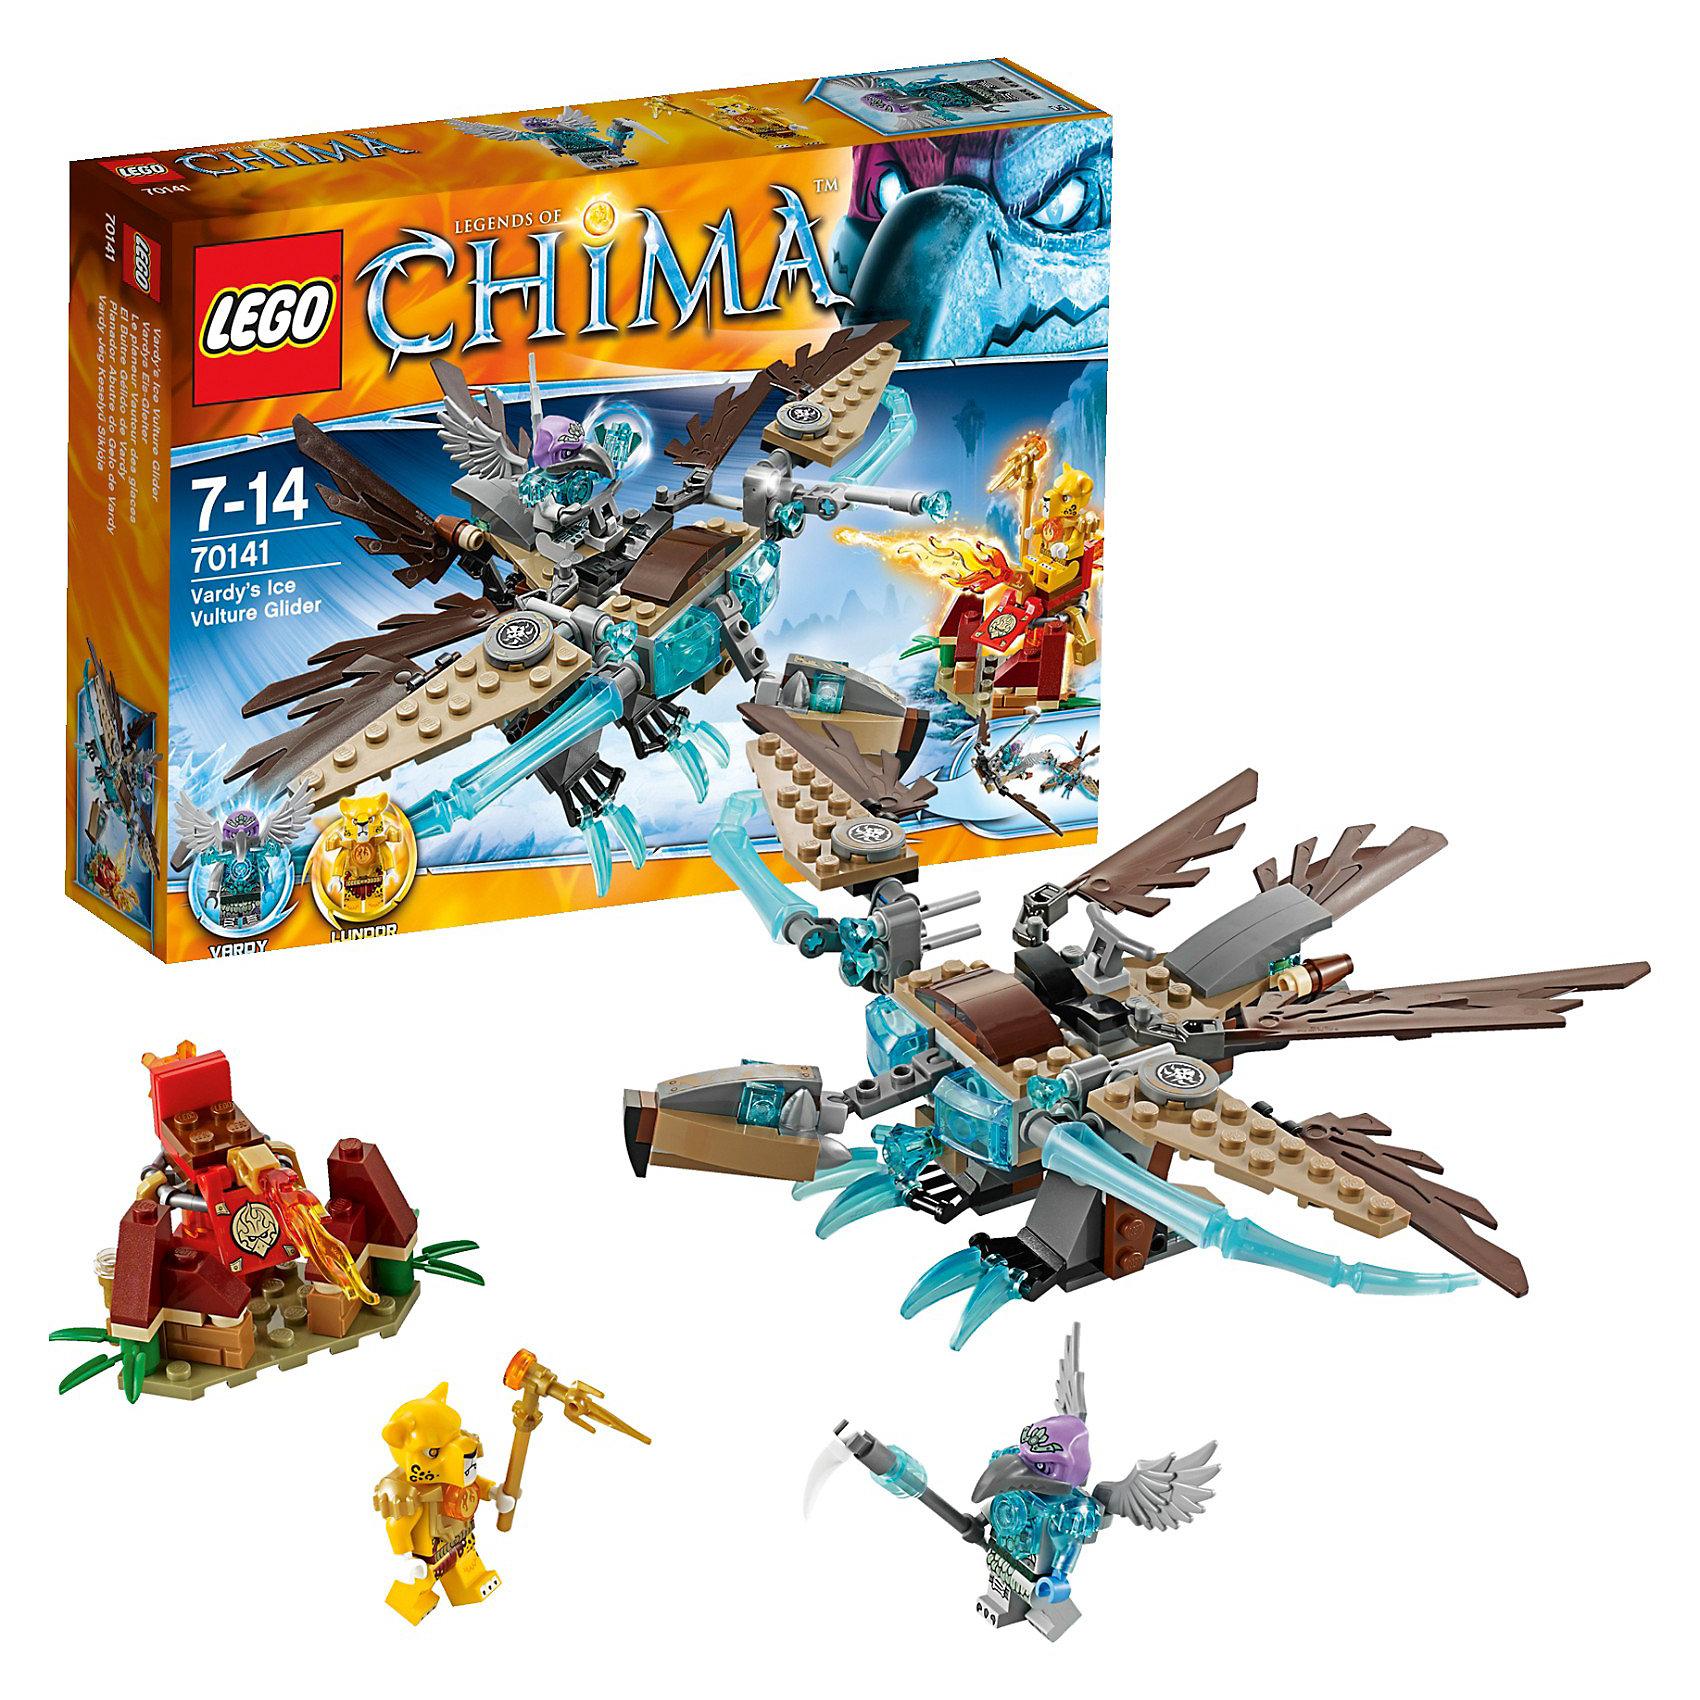 LEGO Legends of Chima 70141: Хищный ледяной планер ВардиLEGO Legends of Chima (ЛЕГО Легенды Чимы) 70141: Хищный ледяной планер Варди - это оригинальный планер, напоминающий хищную птицу.<br>Злой Варди украл ЧИ и убегает на своём суперкрутом ледяном планере-хищнике. Пристегни Ландора к боевой станции и сражайся со льдом огневой мощью, используя свой обжигающий арсенал. Берегись огромных крыльев планера и ледяных голубых клыков, двойных манёвренных ракет, атакующих тебя со всех сторон. Будь осторожен, как раз тогда, когда ты думаешь, что захватил Варди, он может отцепить пилотный модуль и улететь с ценной ЧИ! <br>В набор ЛЕГО Легенды Чимы 70141 входят 2 минифигурки с разнообразным оружием: Варди и Ландор.<br><br>Дополнительная информация:<br><br>- Артикул LEGO: 70141<br>- Количество деталей: 217<br>- Количество мини-фигурок: 2<br>- Материал: пластик<br>- Размер коробки: 26 х 19 х 4,6 см.<br><br>Конструктор LEGO Legends of Chima (ЛЕГО Легенды Чимы) 70141: Хищный ледяной планер Варди можно купить в нашем интернет-магазине.<br><br>Ширина мм: 265<br>Глубина мм: 195<br>Высота мм: 54<br>Вес г: 287<br>Возраст от месяцев: 84<br>Возраст до месяцев: 168<br>Пол: Мужской<br>Возраст: Детский<br>SKU: 3623213